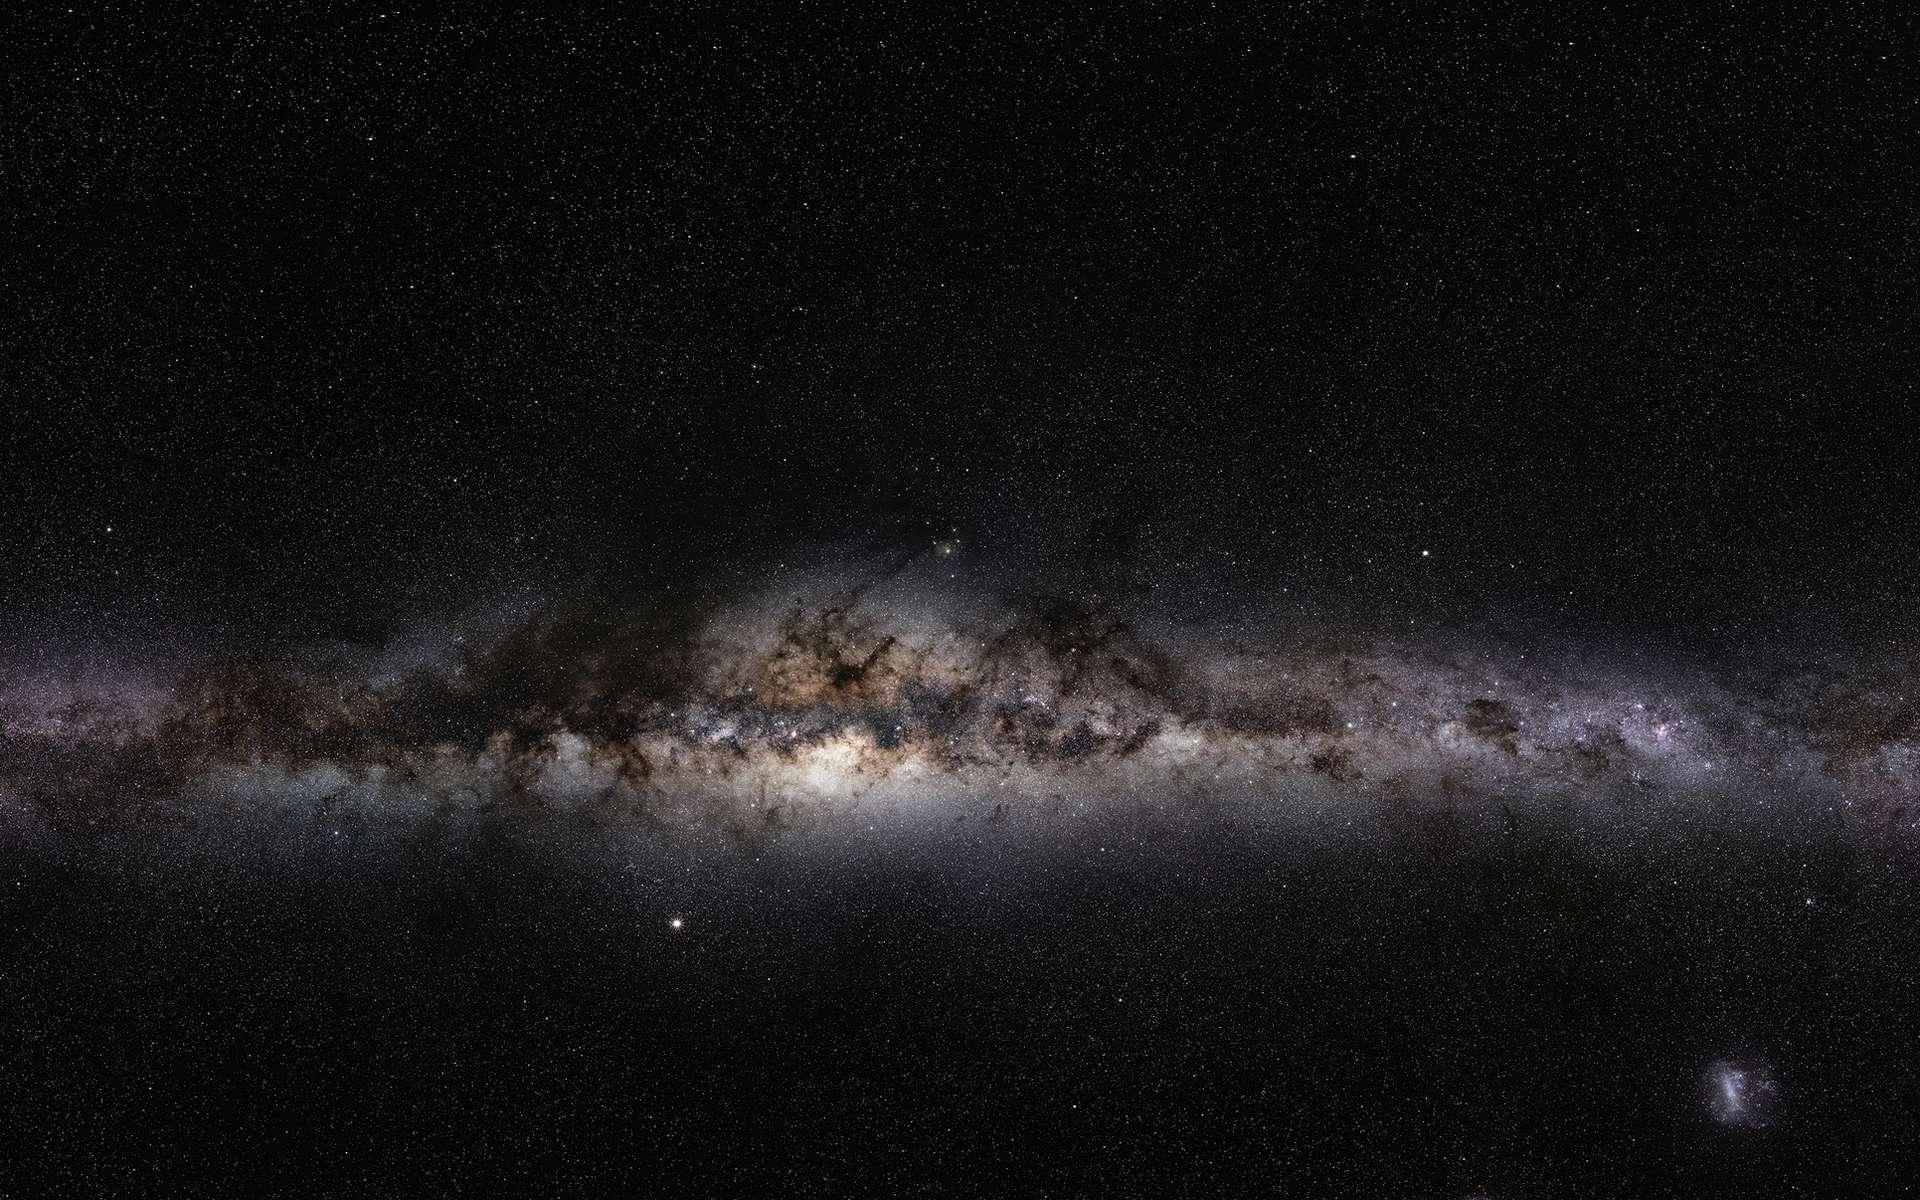 Ce magnifique panorama à 360 degrés, couvrant toute la sphère céleste, révèle le paysage cosmique qui entoure notre petite planète bleue. Cette image est la première des trois images en très haute-résolution du projet GigaGalaxy Zoom, lancé par l'ESO pour l'Année mondiale de l'astronomie en 2009 (IYA2009). Le plan de notre Voie Lactée, que l'on voit de côté sur Terre, coupe l'image avec une ligne lumineuse, comme-ci l'on regardait la Voie Lactée de l'extérieur. De ce point de vue, les composants de notre galaxie, en forme de spirale, apparaissent clairement, y compris son disque, ses nébuleuses sombres et lumineuses qui abritent des jeunes étoiles, ainsi que le bulbe central de la galaxie et ses galaxies satellites. Cela ayant pris plusieurs mois à être filmé, des objets du système solaire ont traversé le champ d'étoiles, comme les planètes lumineuses comme Vénus et Jupiter. Pour des raisons de droits d'auteur, nous ne pouvons pas fournir l'image original à 800 millions de pixels, qui peut être demandée auprès de Serge Brunier. L'image haute-résolution, ici, contient 18 millions de pixels. © ESO/S, Brunier